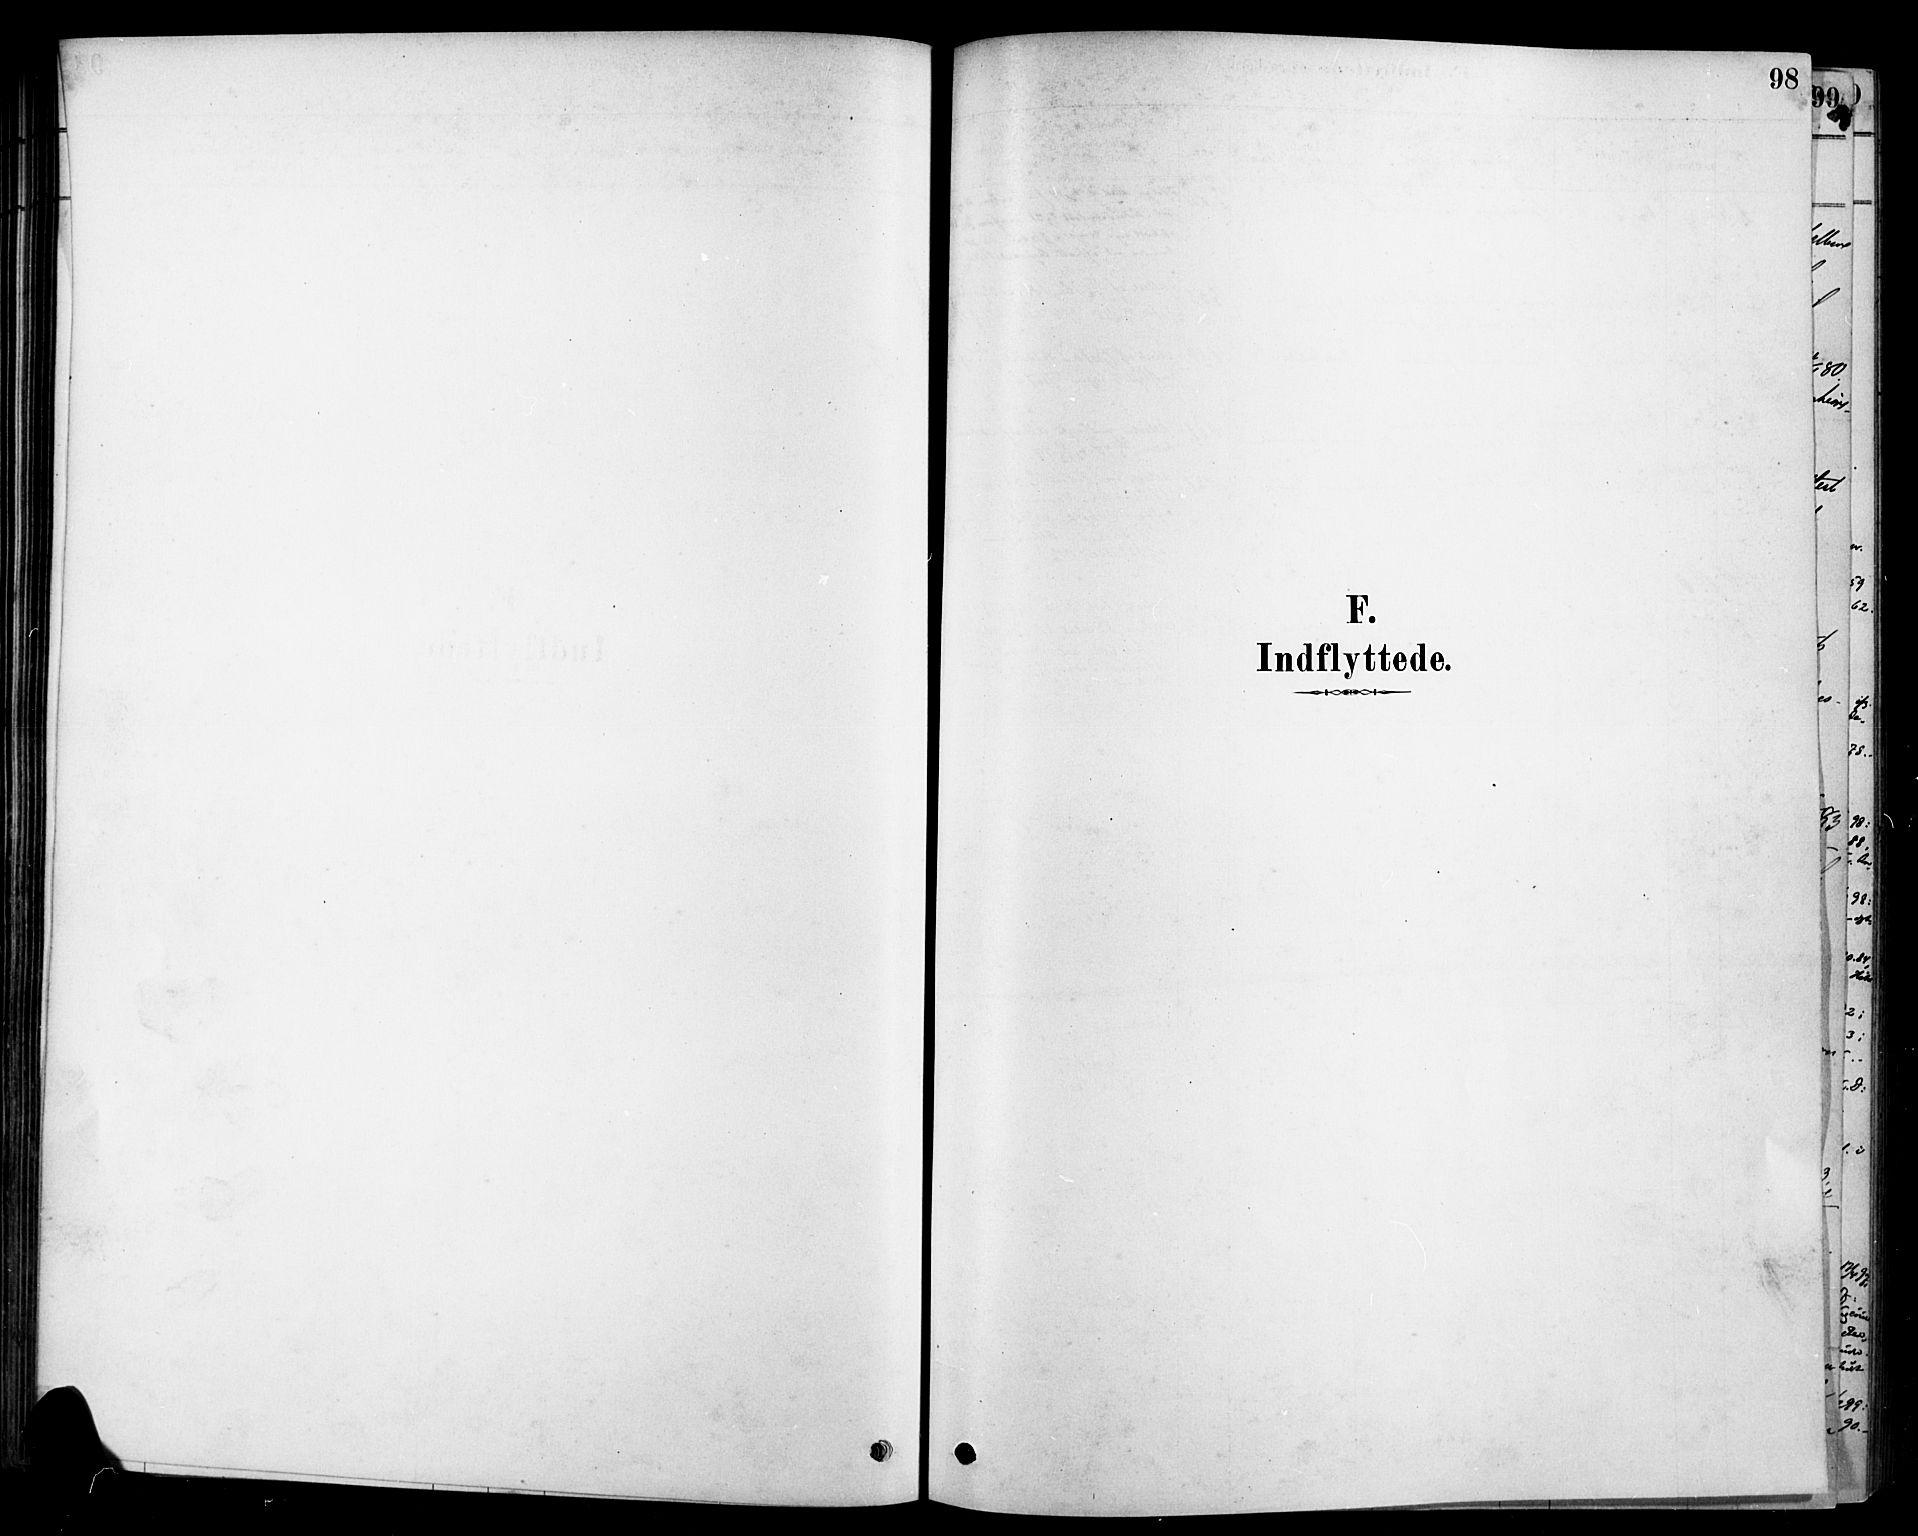 SAKO, Heddal kirkebøker, F/Fa/L0009: Ministerialbok nr. I 9, 1878-1903, s. 98